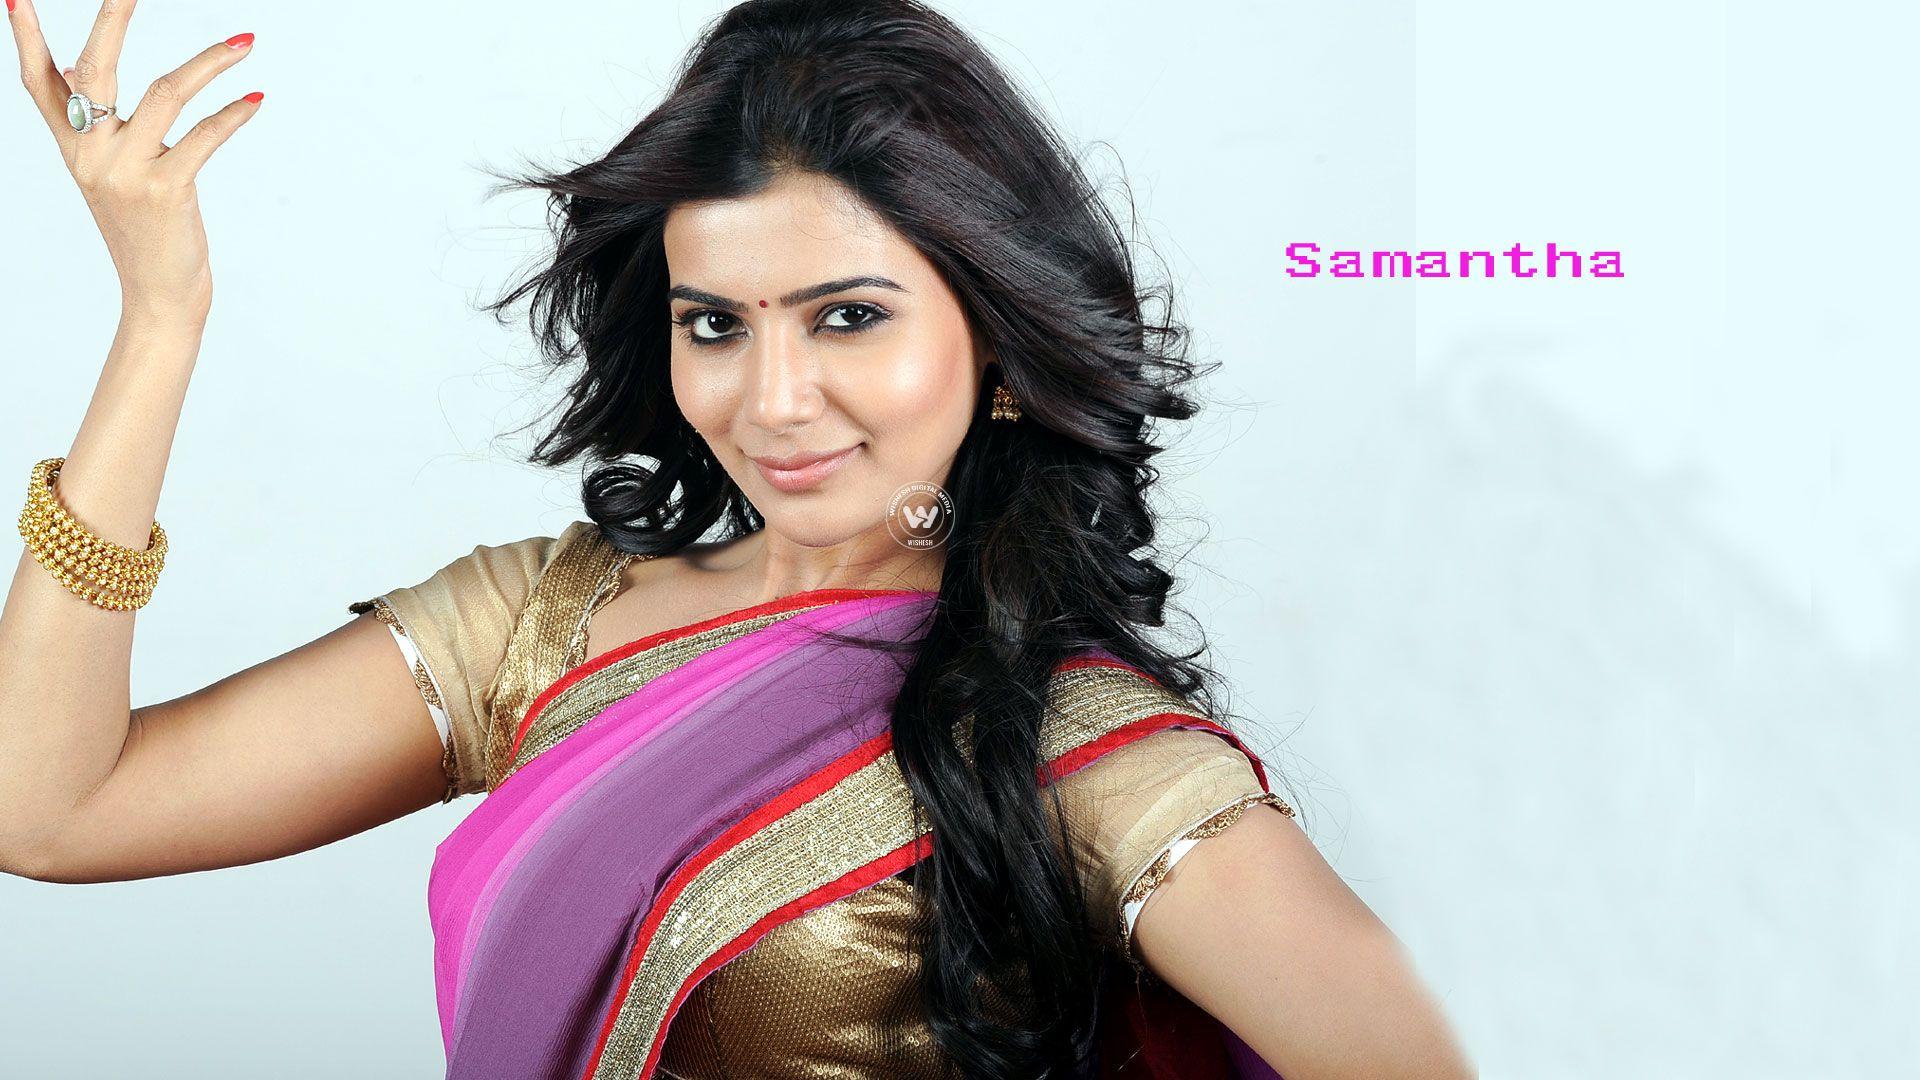 beautiful samantha actress new hd wallpapers download | hd